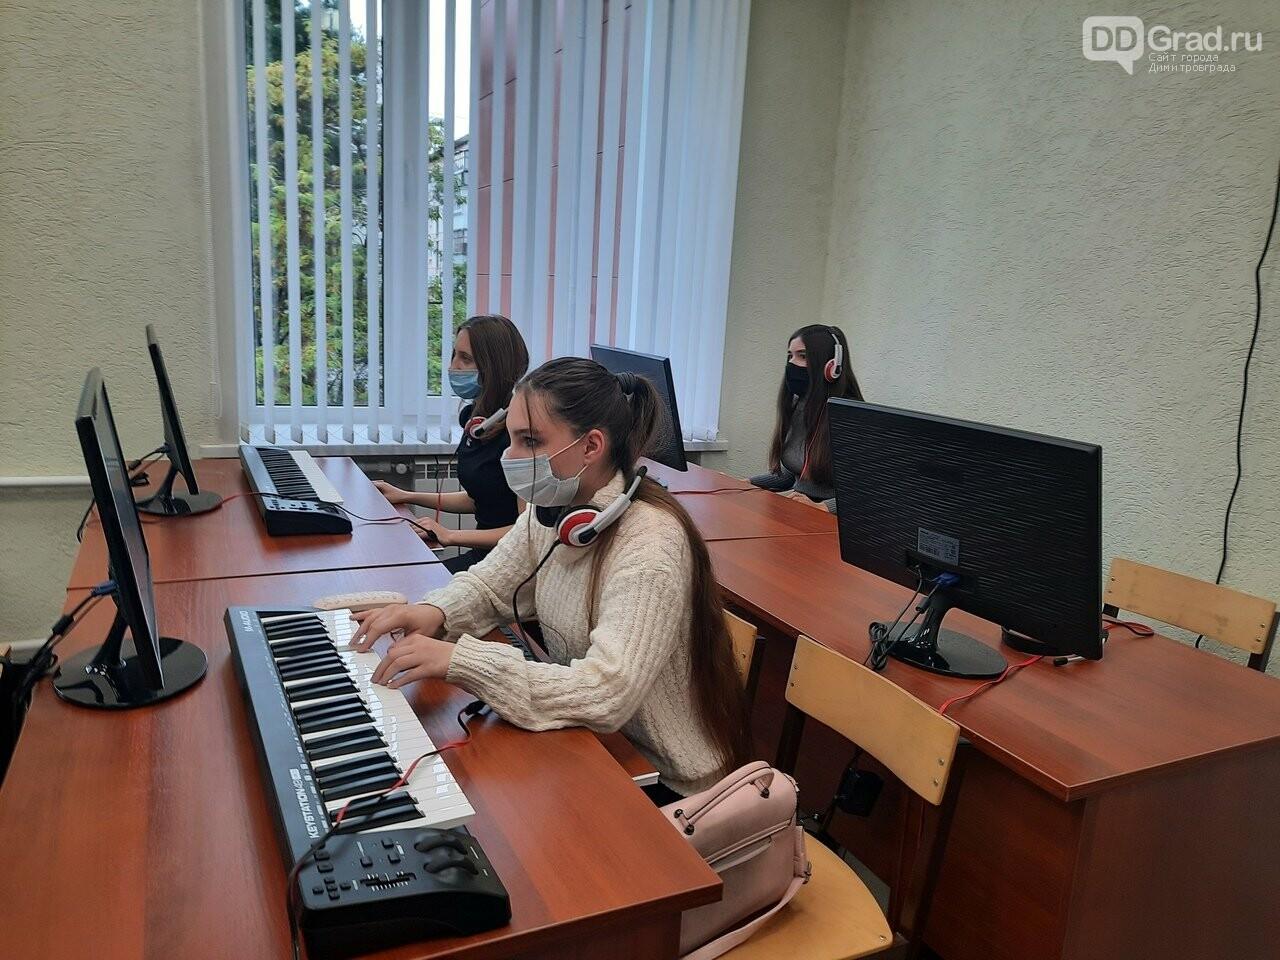 Димитровградский музыкальный колледж открылся после ремонта, фото-2